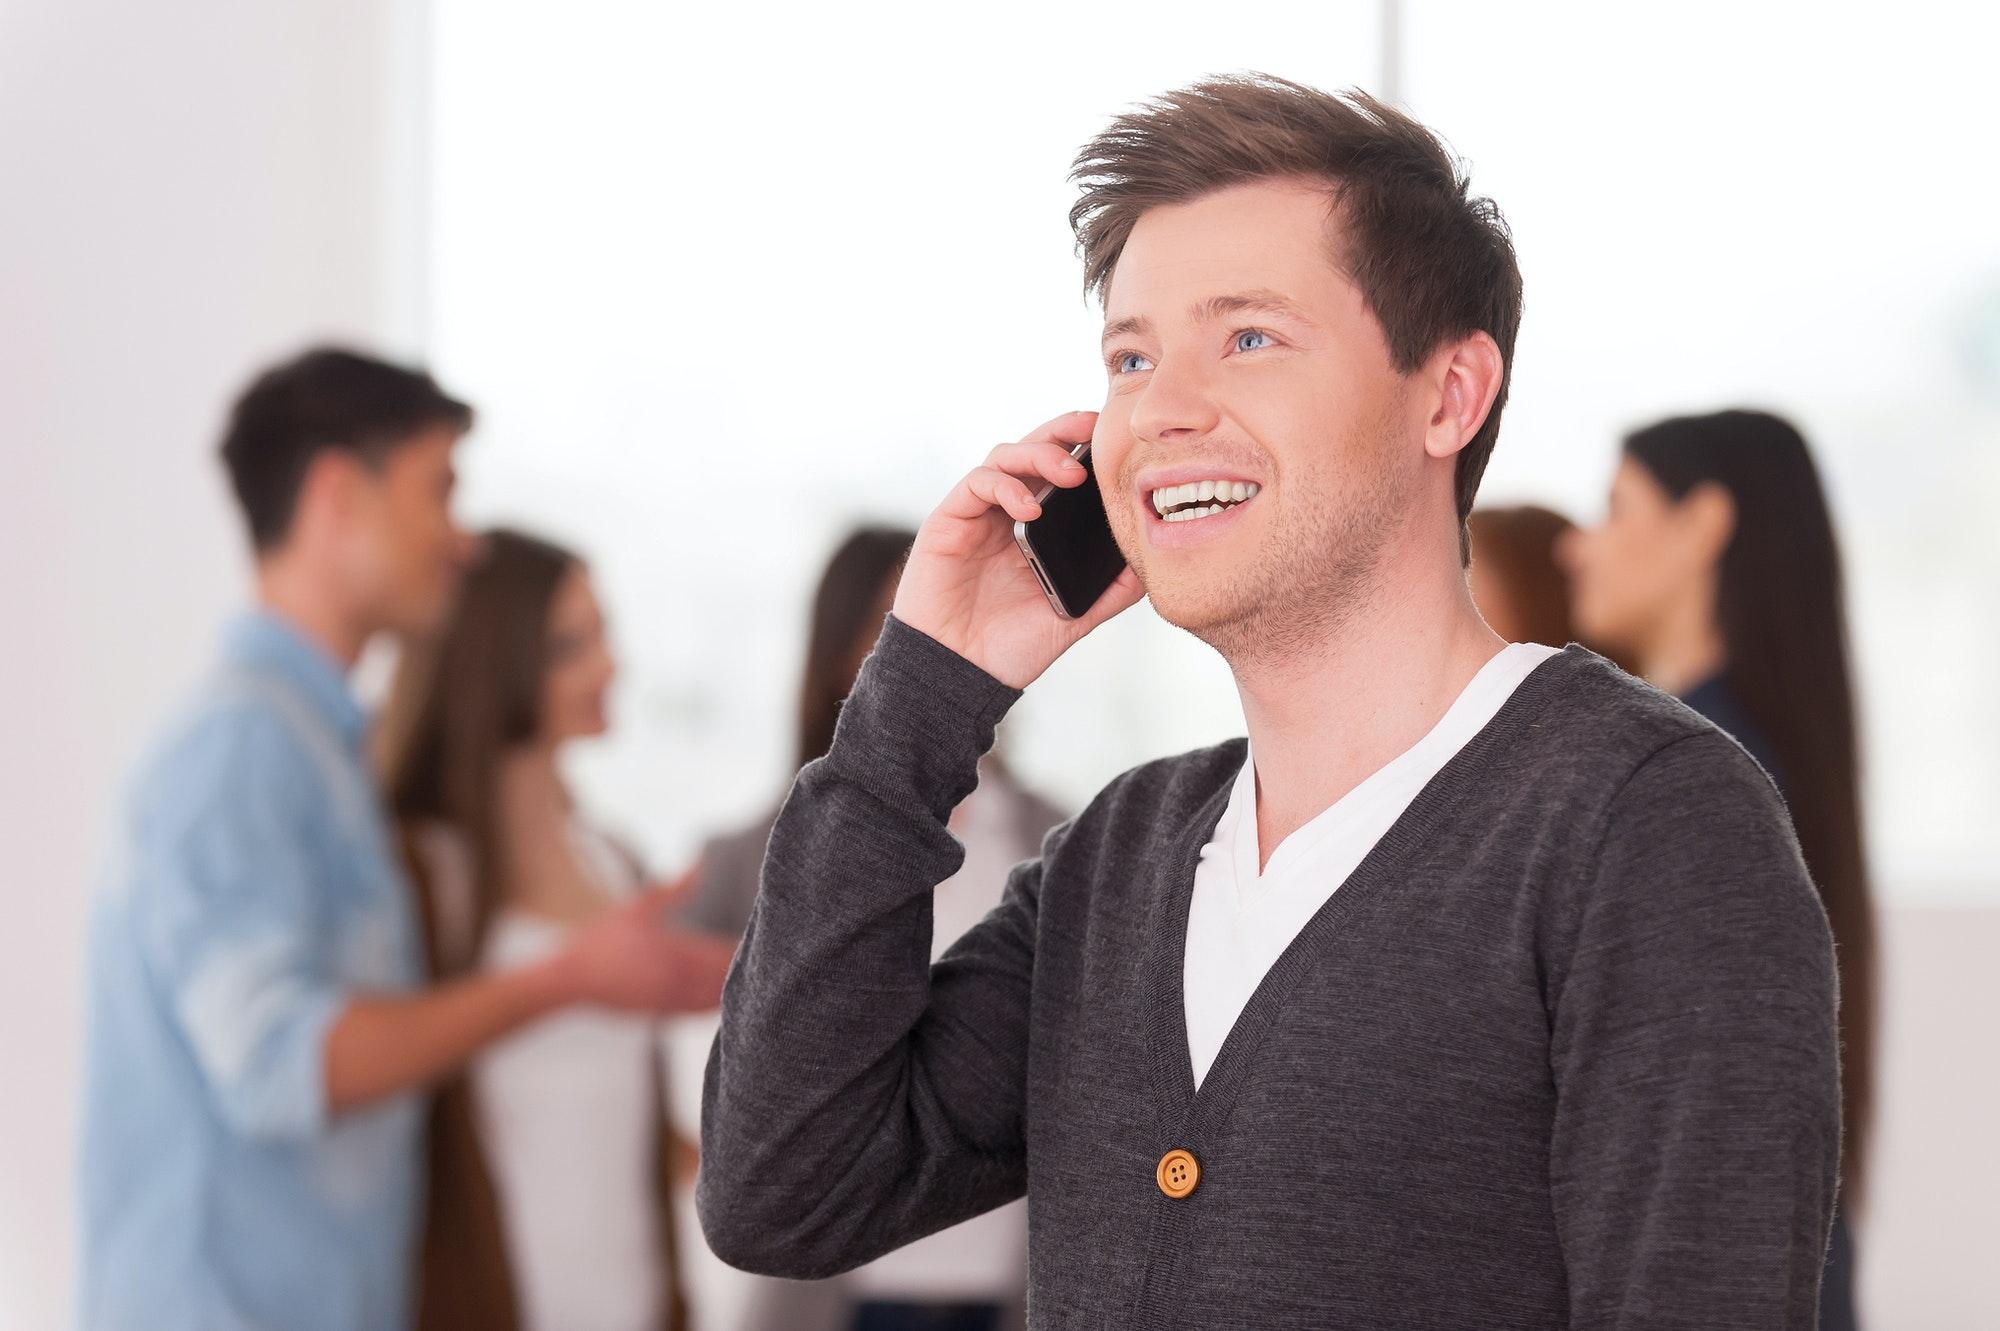 homme au téléphone pour reprendre contact avec son ex